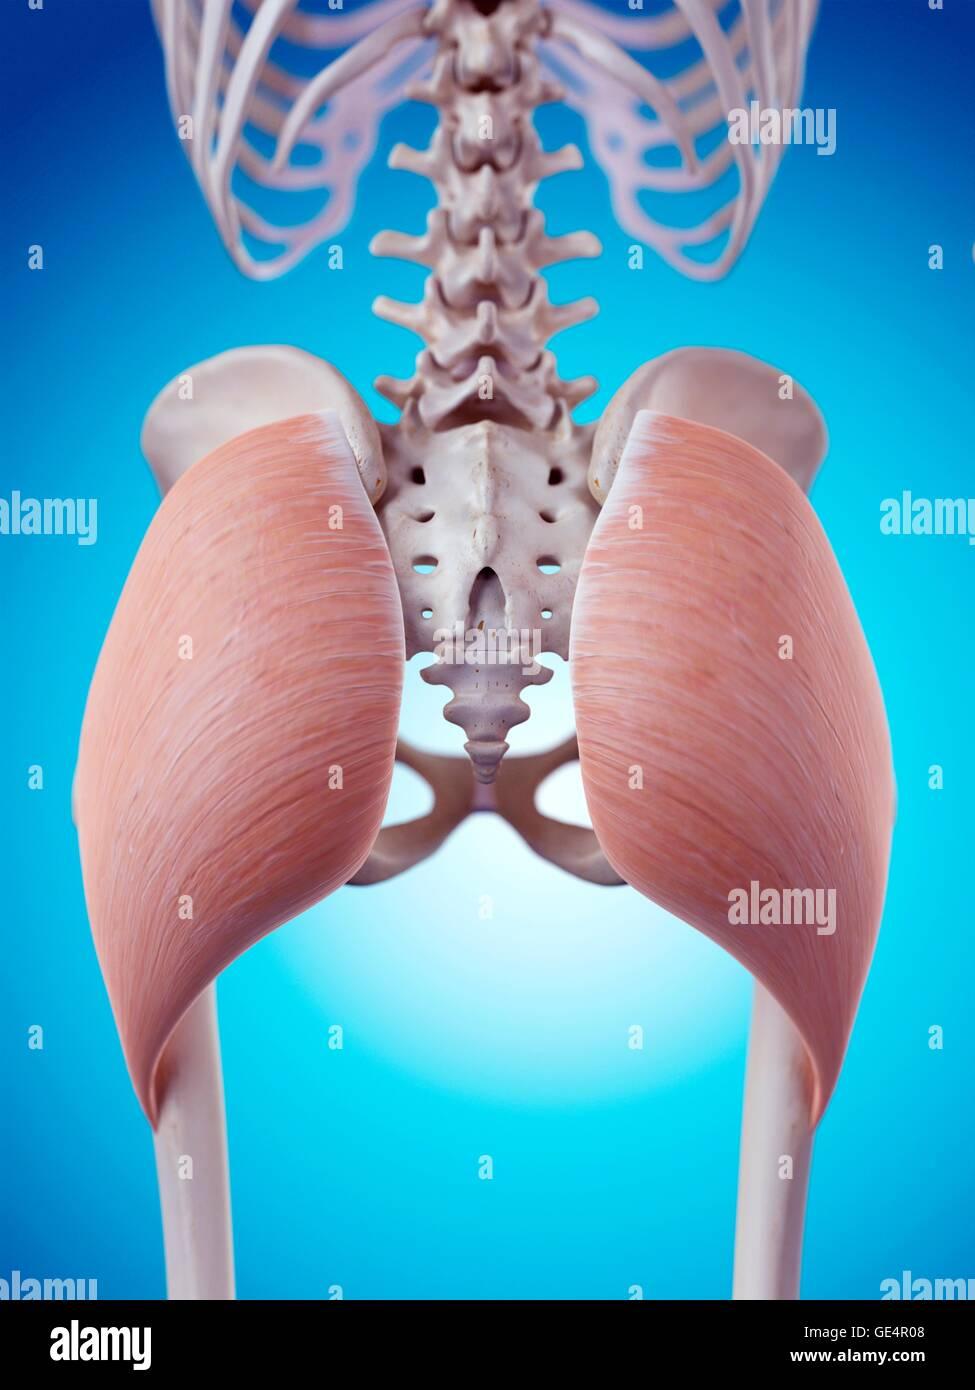 Menschlichen Gluteus Maximus Muskeln, Abbildung Stockfoto, Bild ...